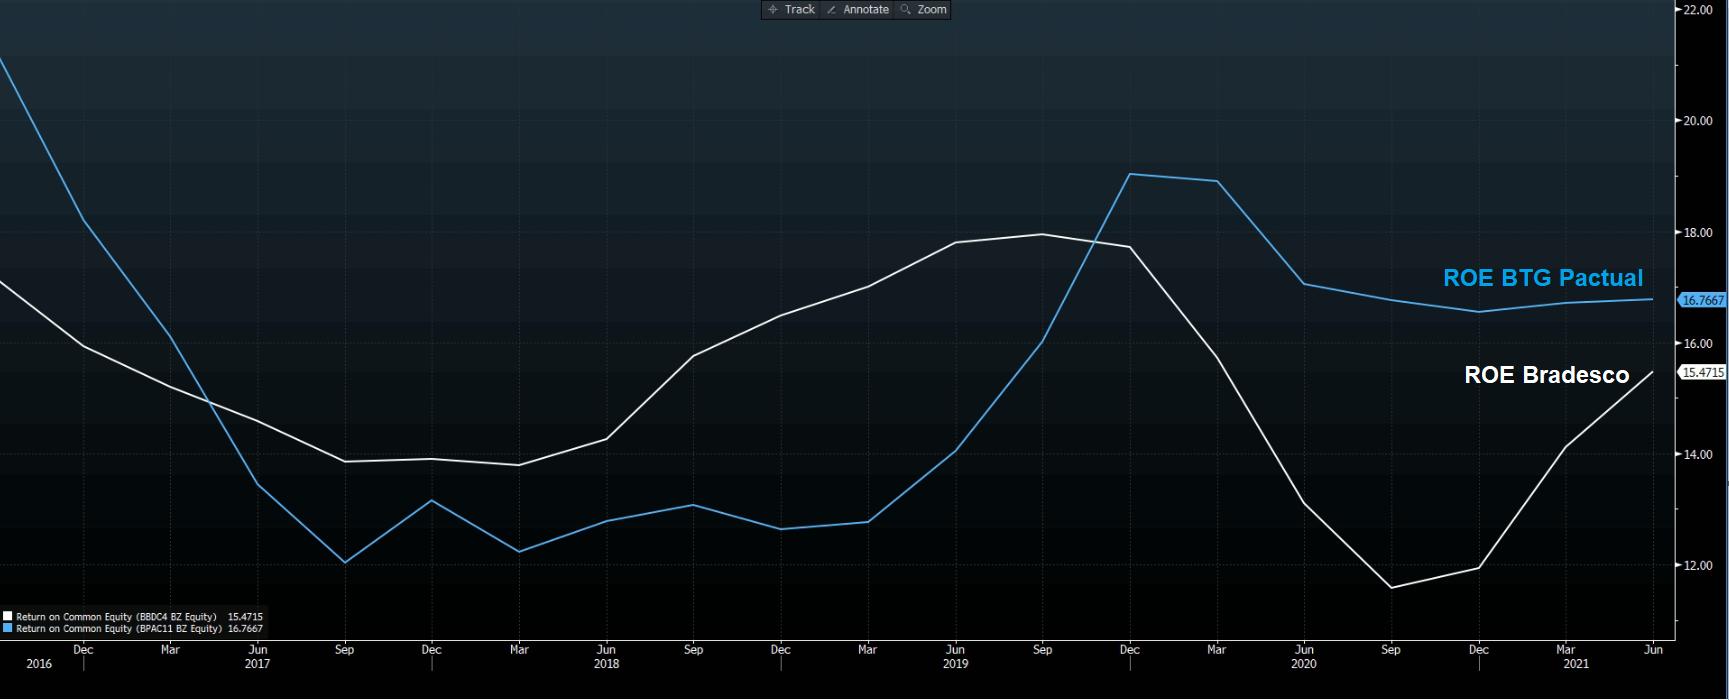 Gráfico apresenta histórico de rentabilidade BTG Pactual (azul) e Bradesco (branco).